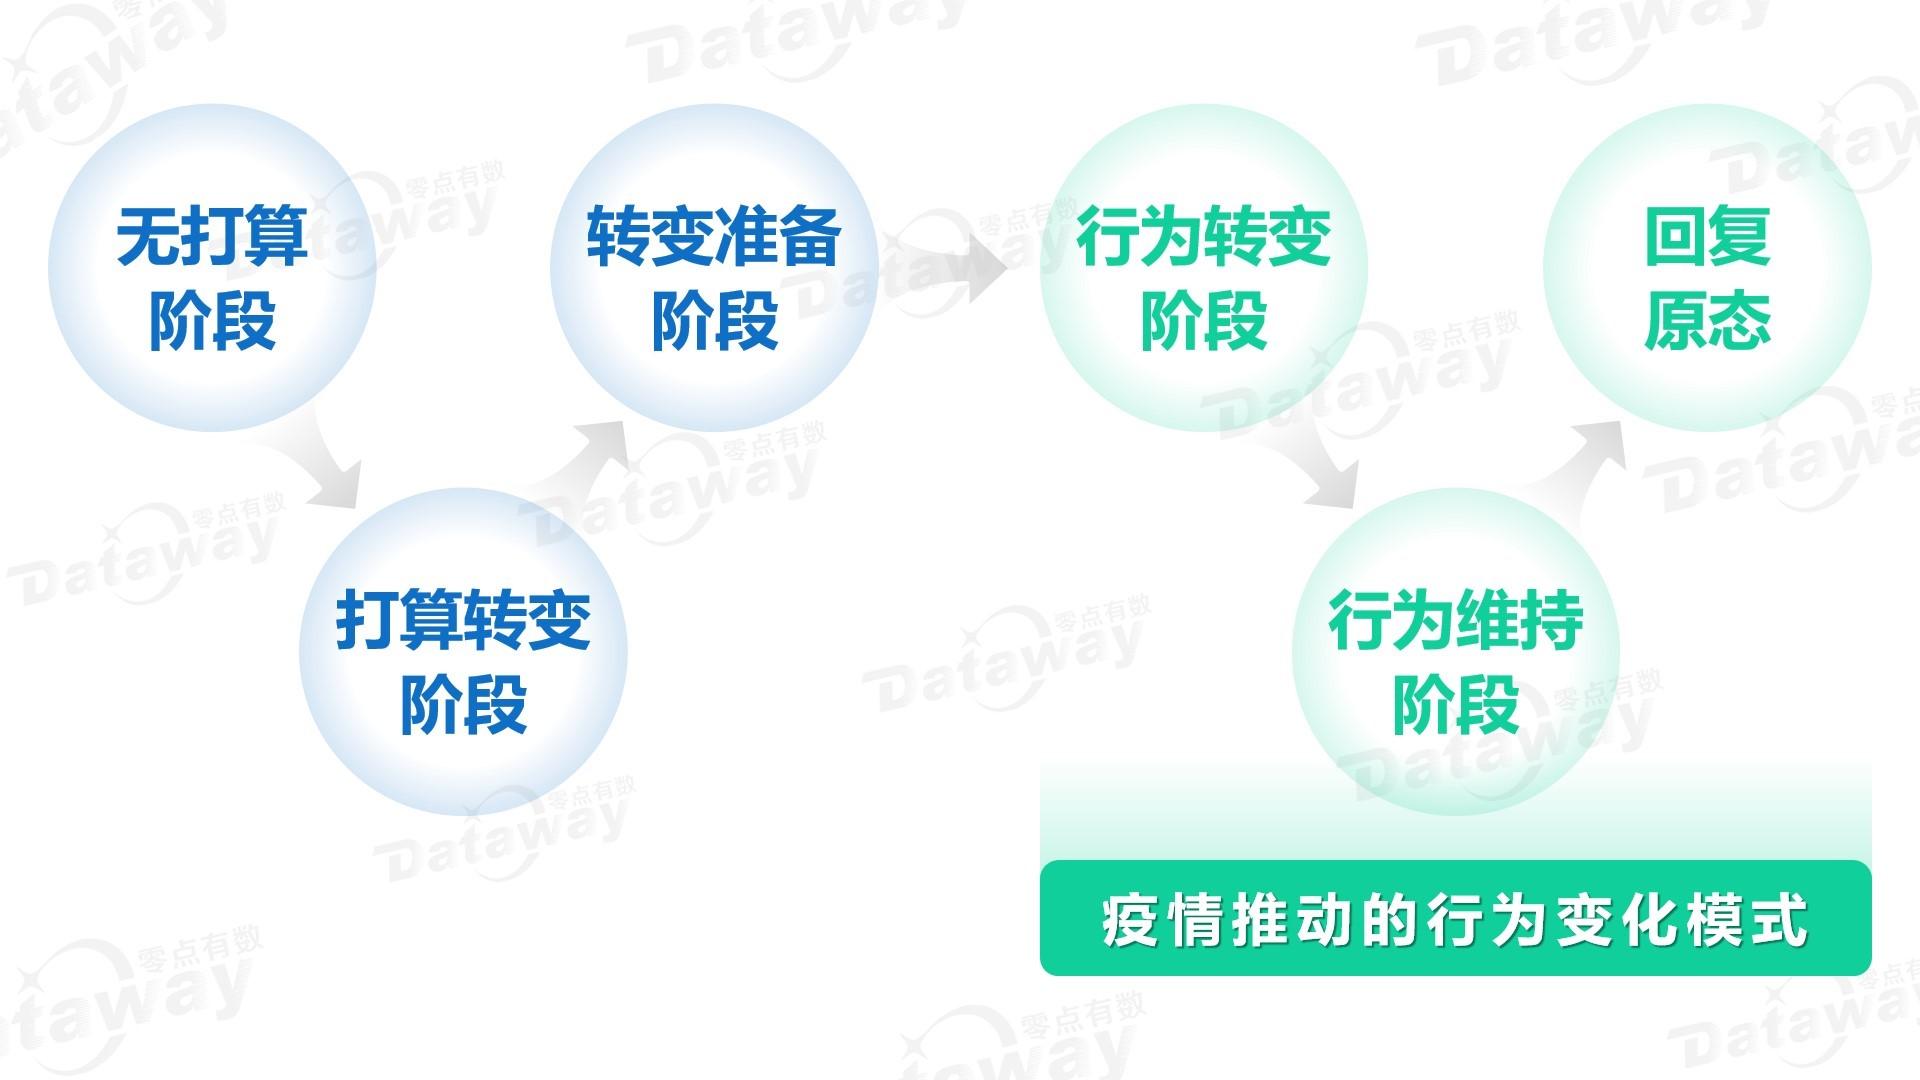 附图1 行为转变理论模式